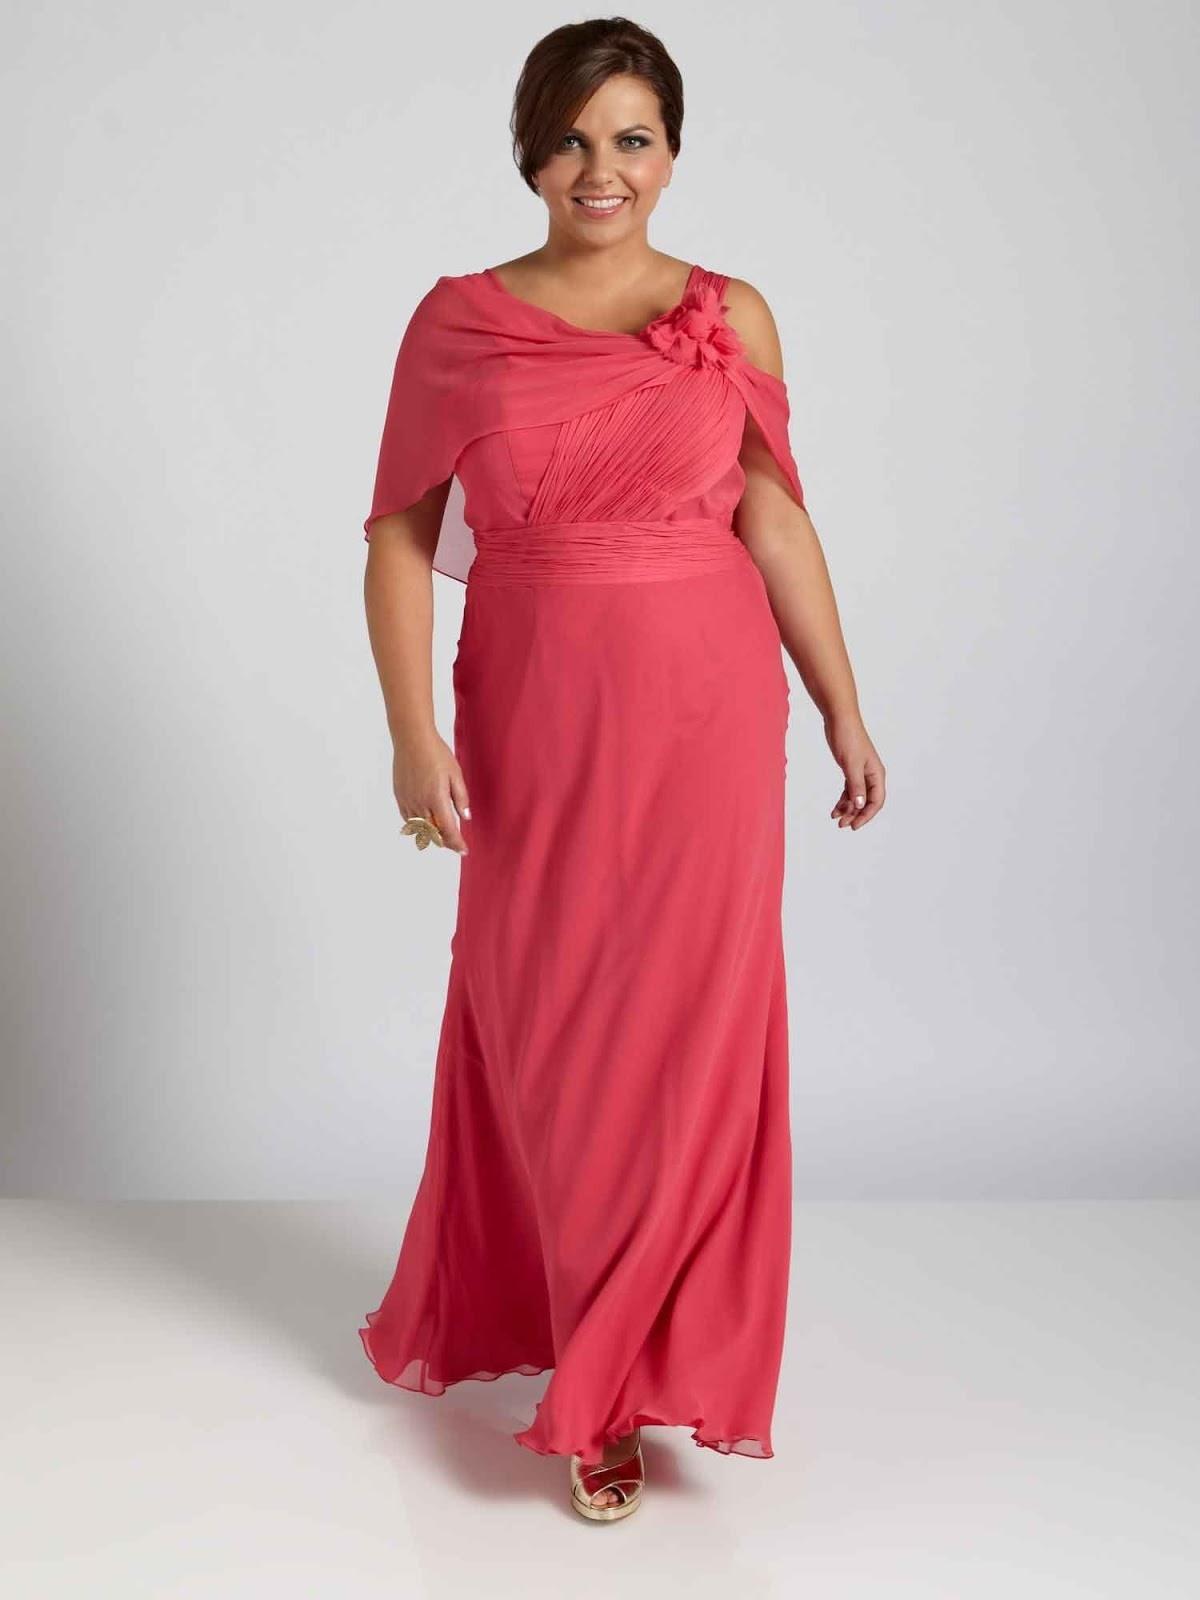 Formal Einfach Frauen Abendkleider Stylish20 Spektakulär Frauen Abendkleider Ärmel